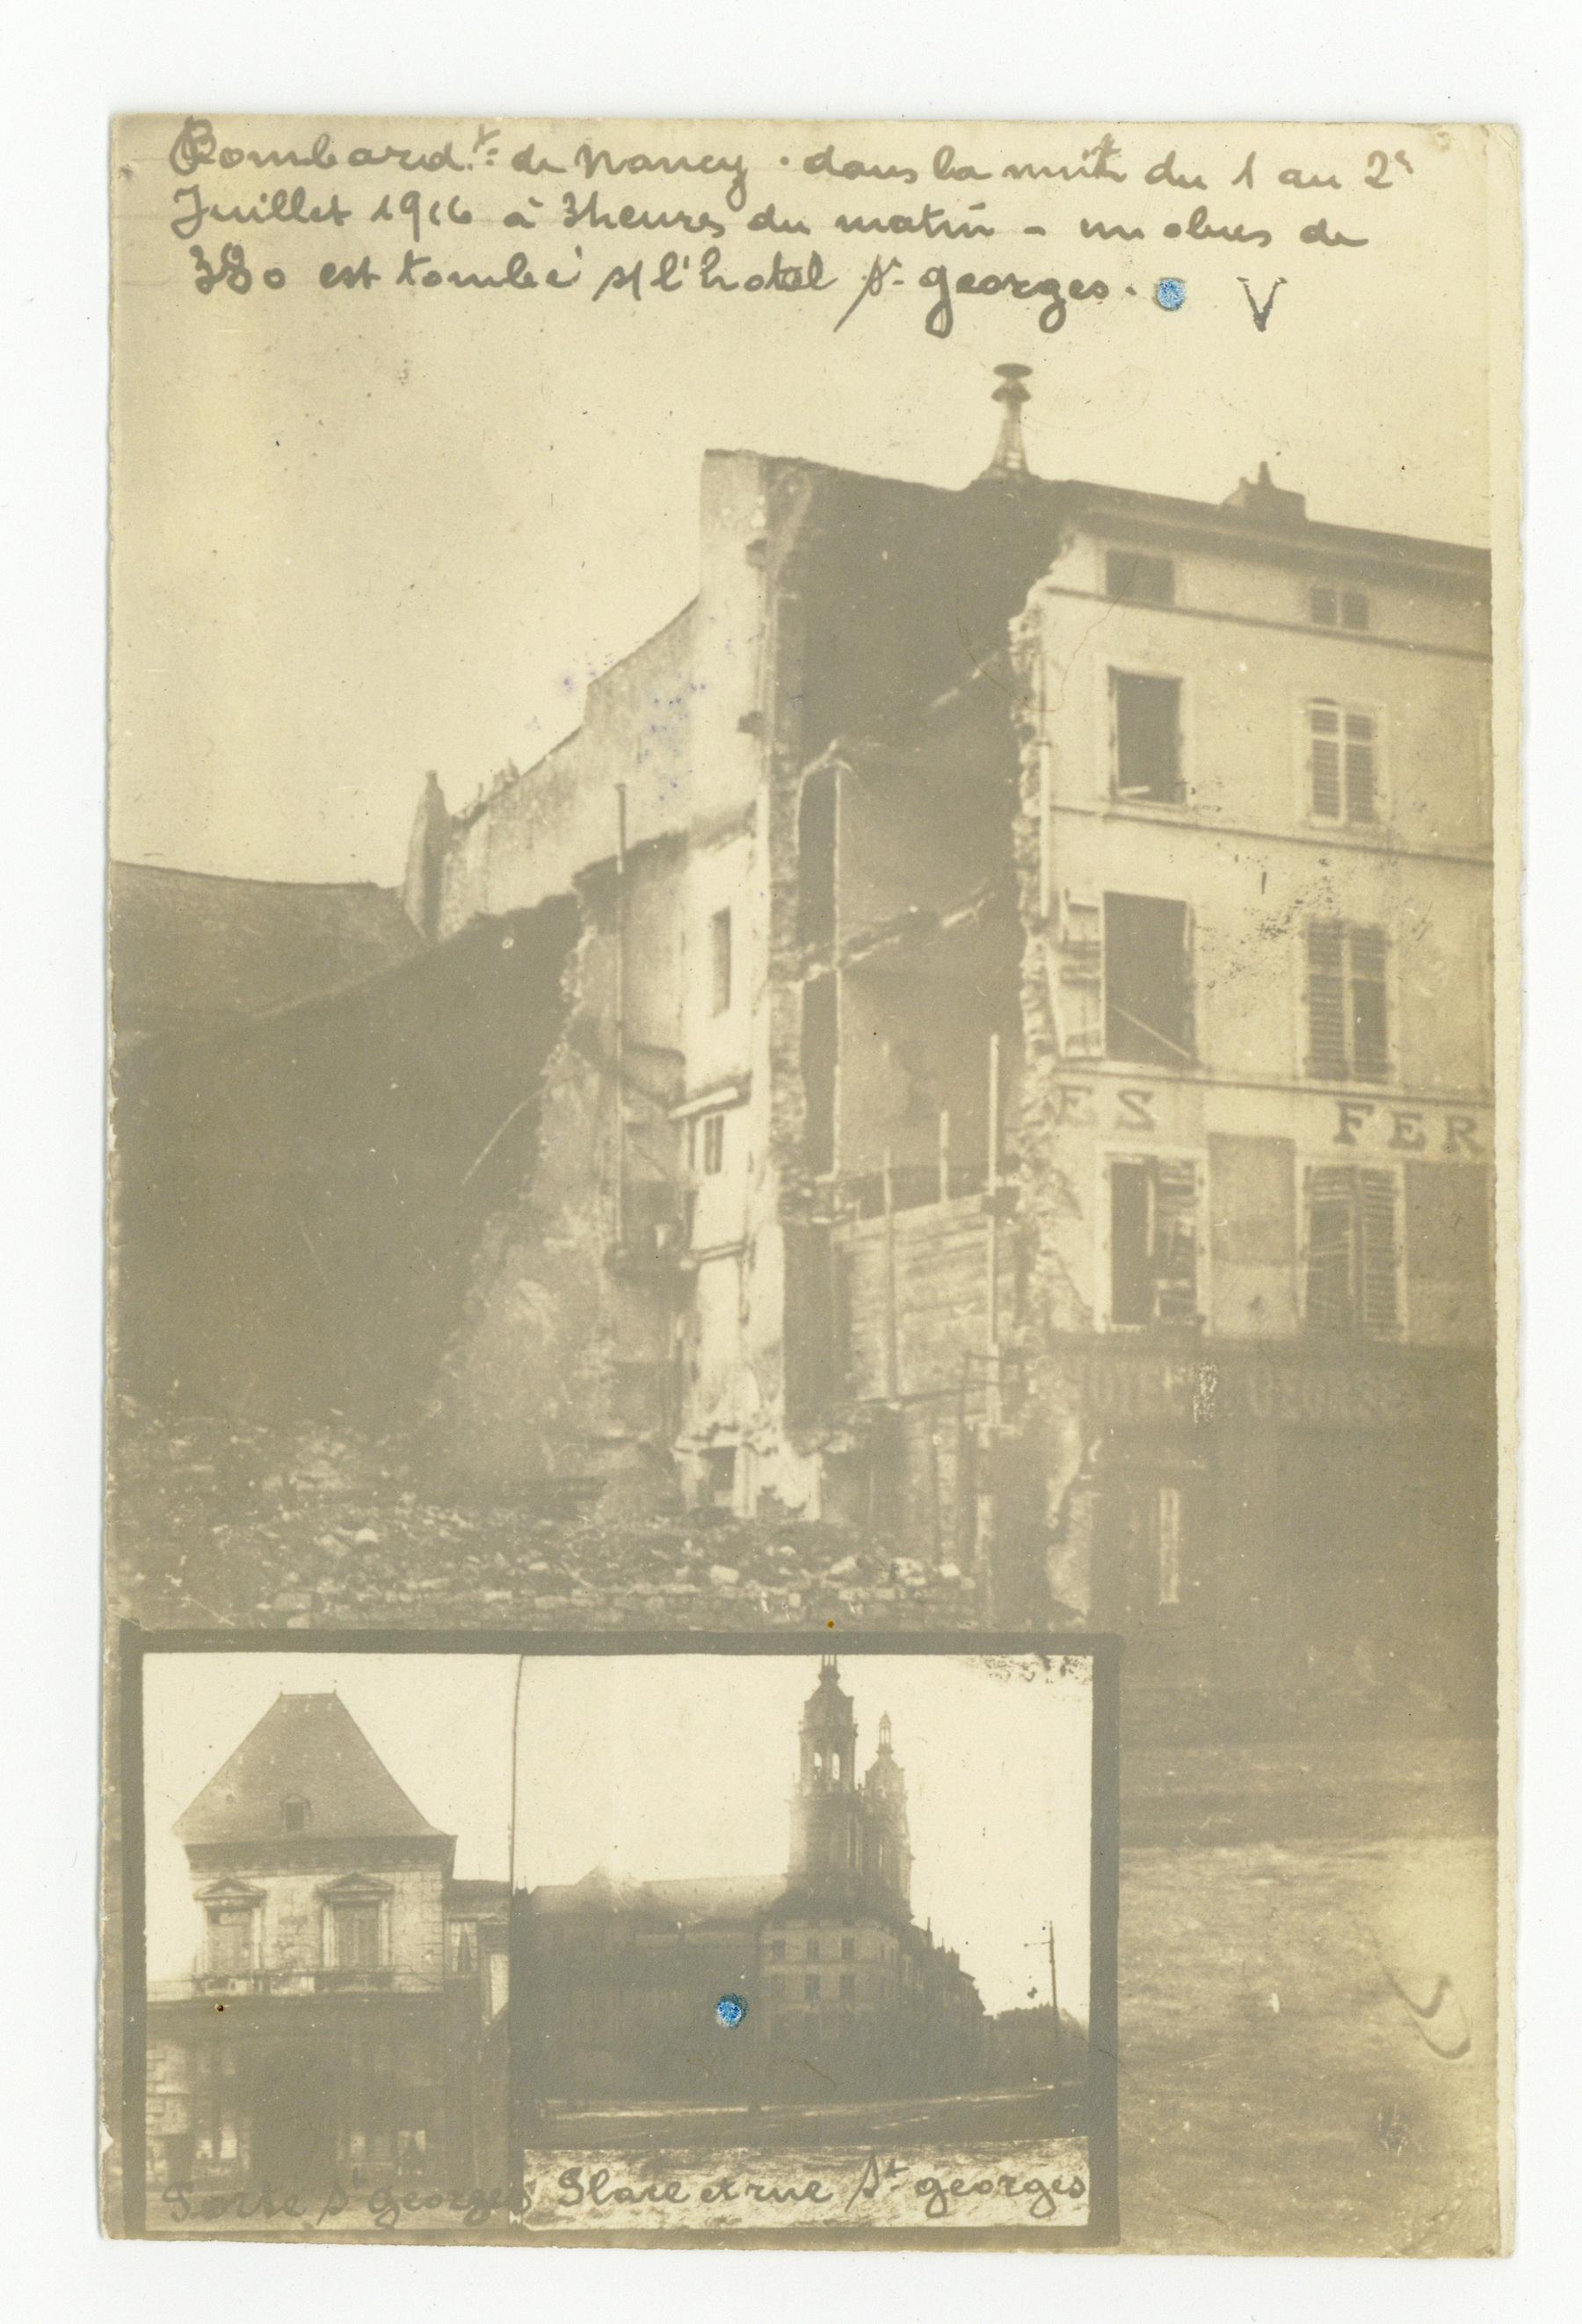 Contenu du Bombardement de juillet 1916, quartier St-Georges.